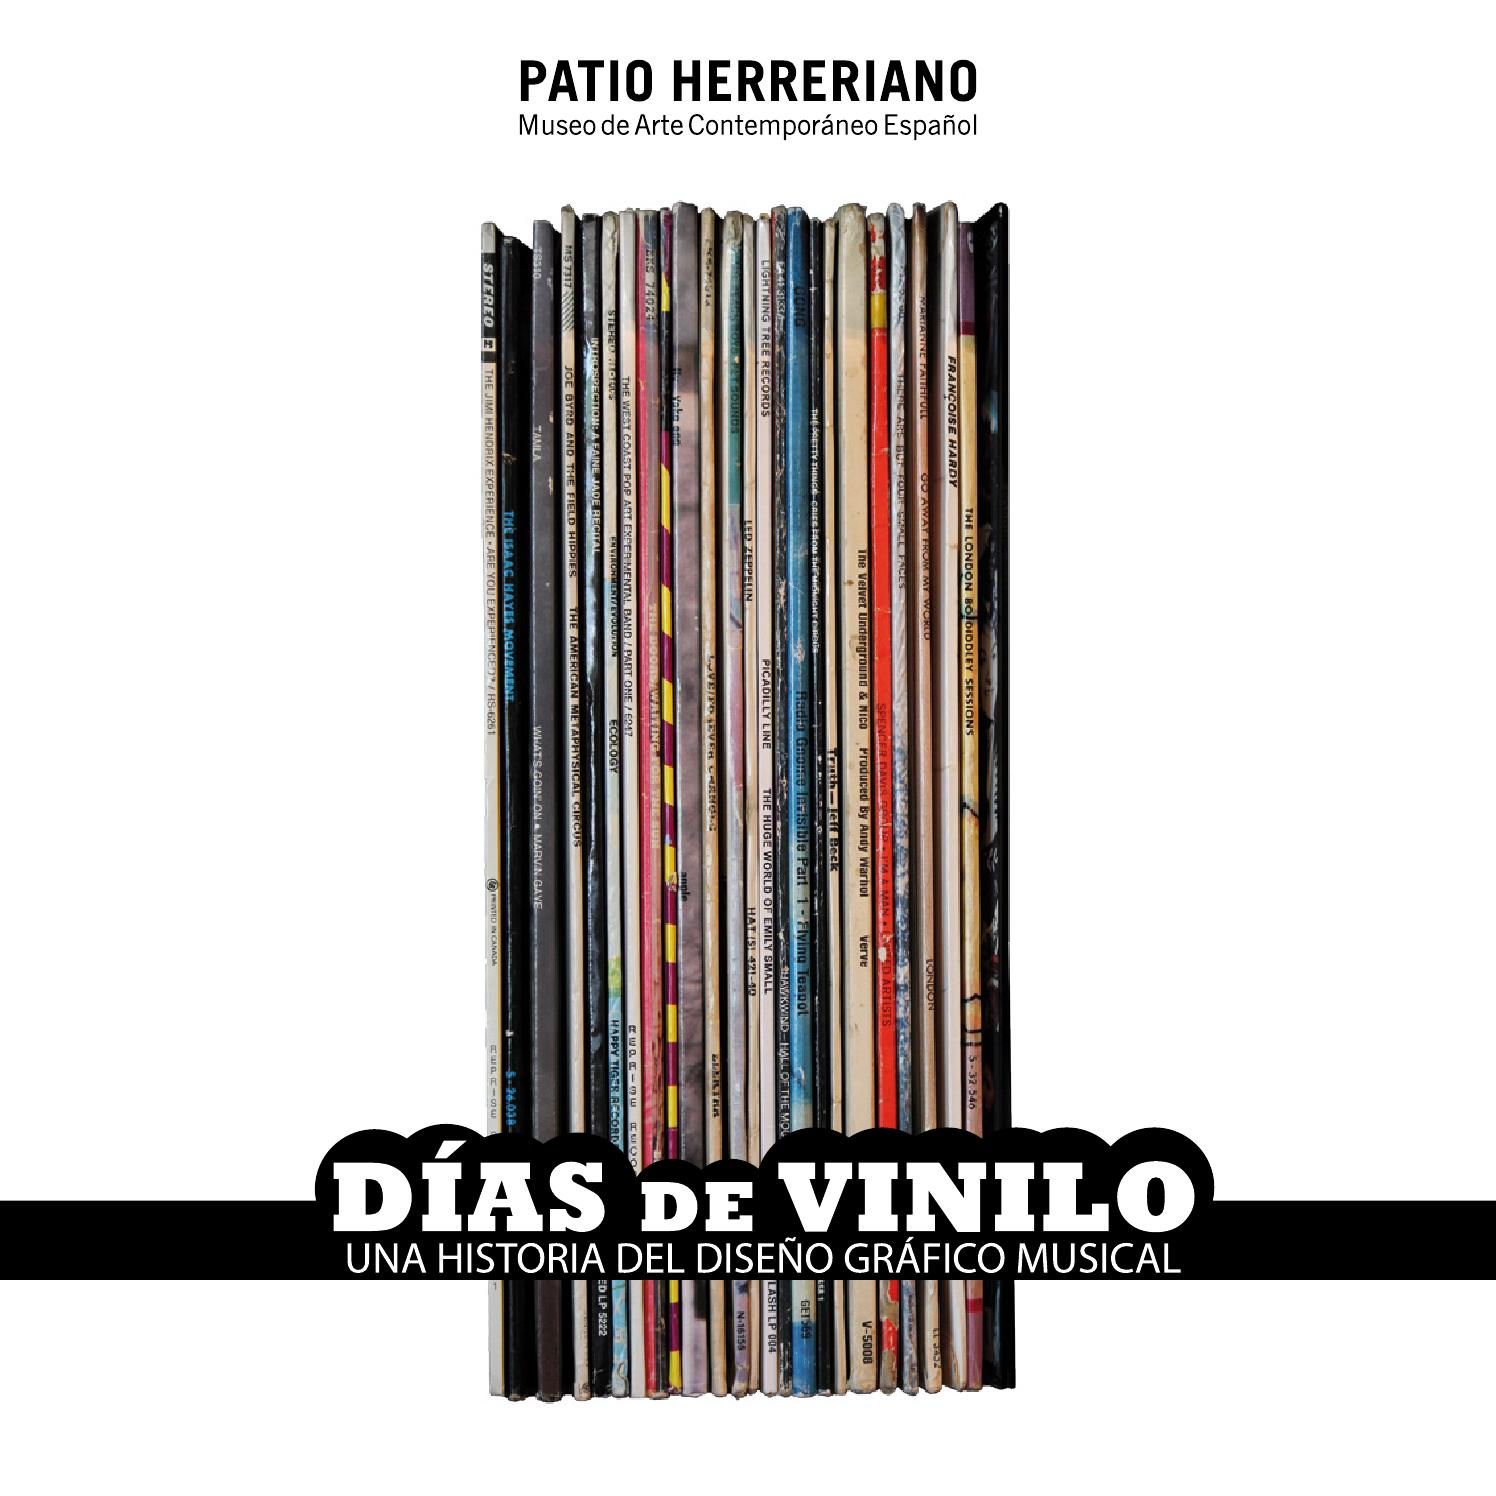 Dias de vinilo. Una historia del diseño gráfico musical by Patio ...